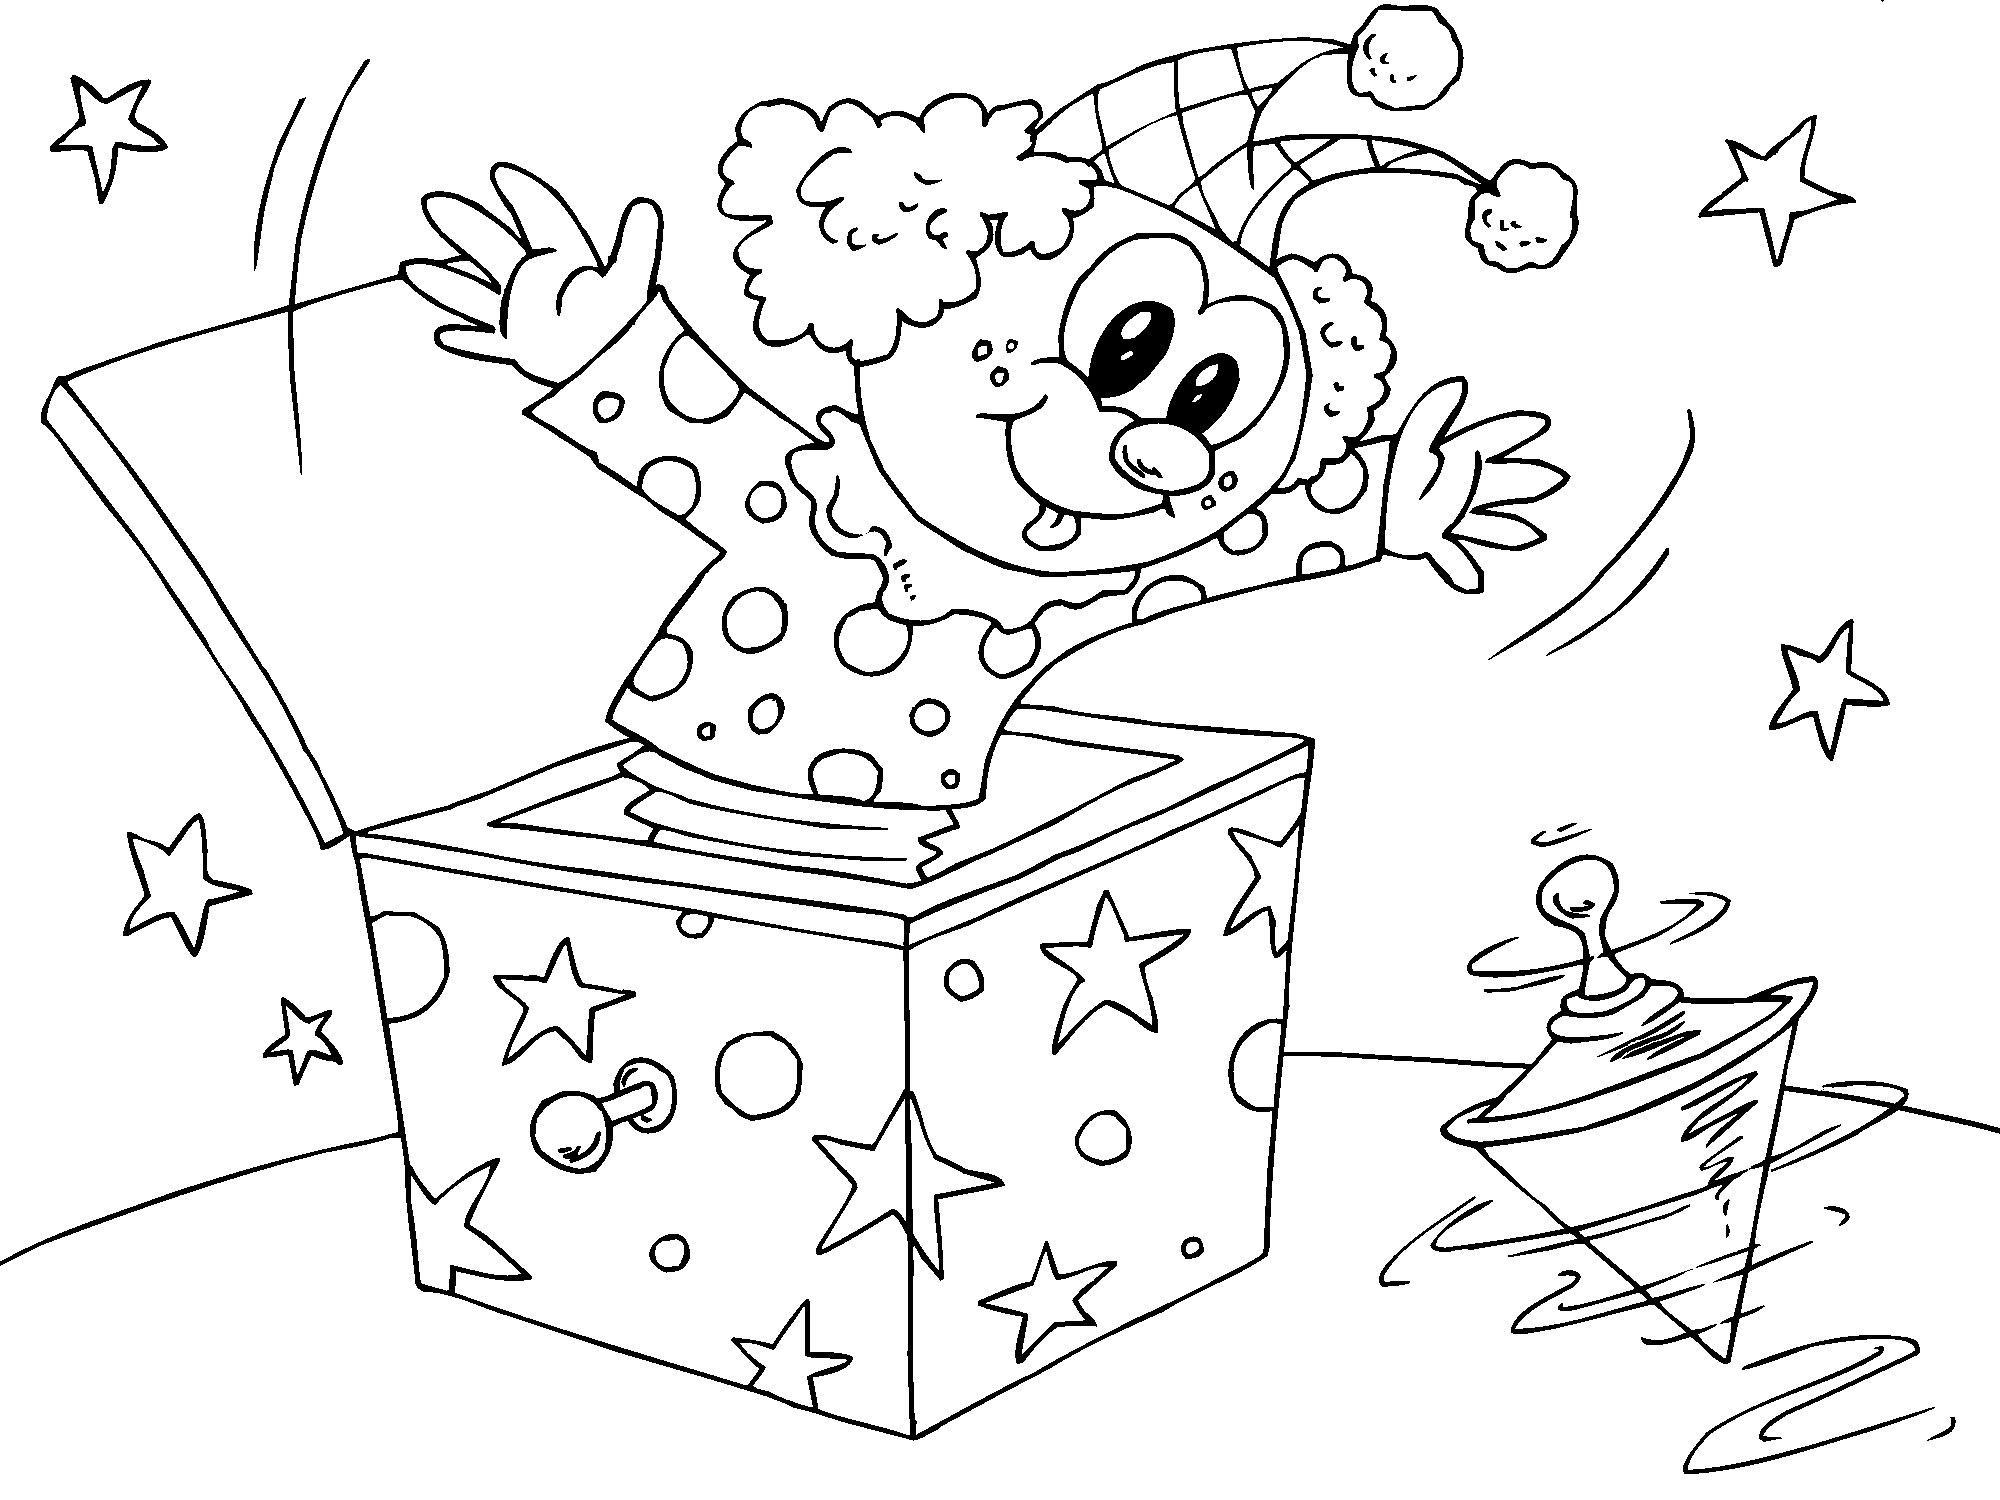 Malvorlage Clown in der Schachtel | Ausmalbild 22826.